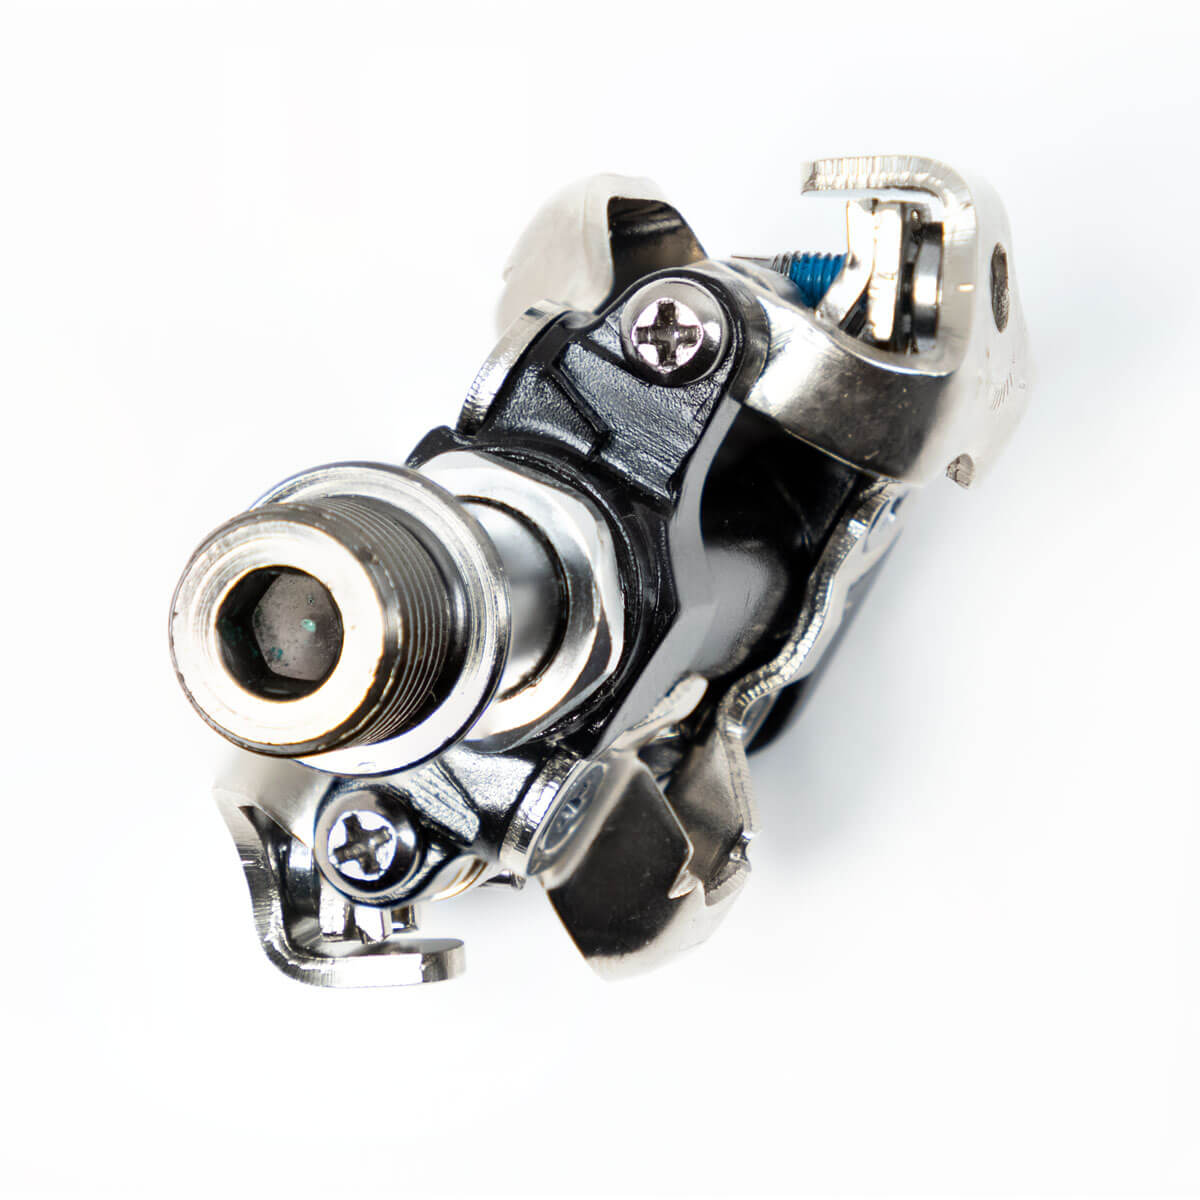 11777-pedalclip-mtb promend